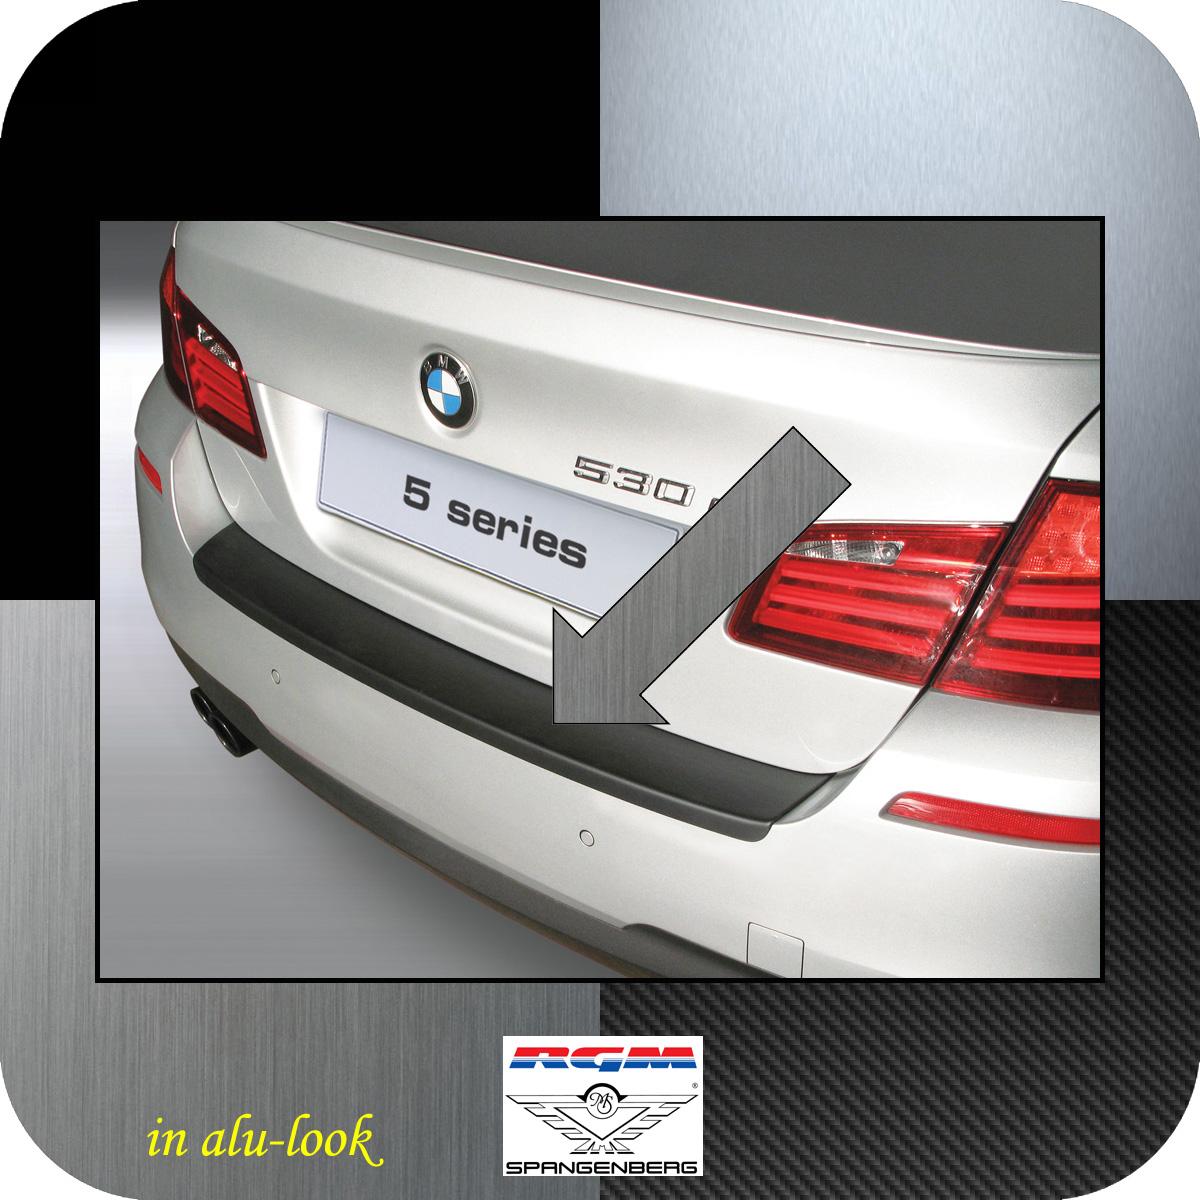 Ladekantenschutz mit Abkantung für BMW 5er F10 Limousine 4-Türer 2010